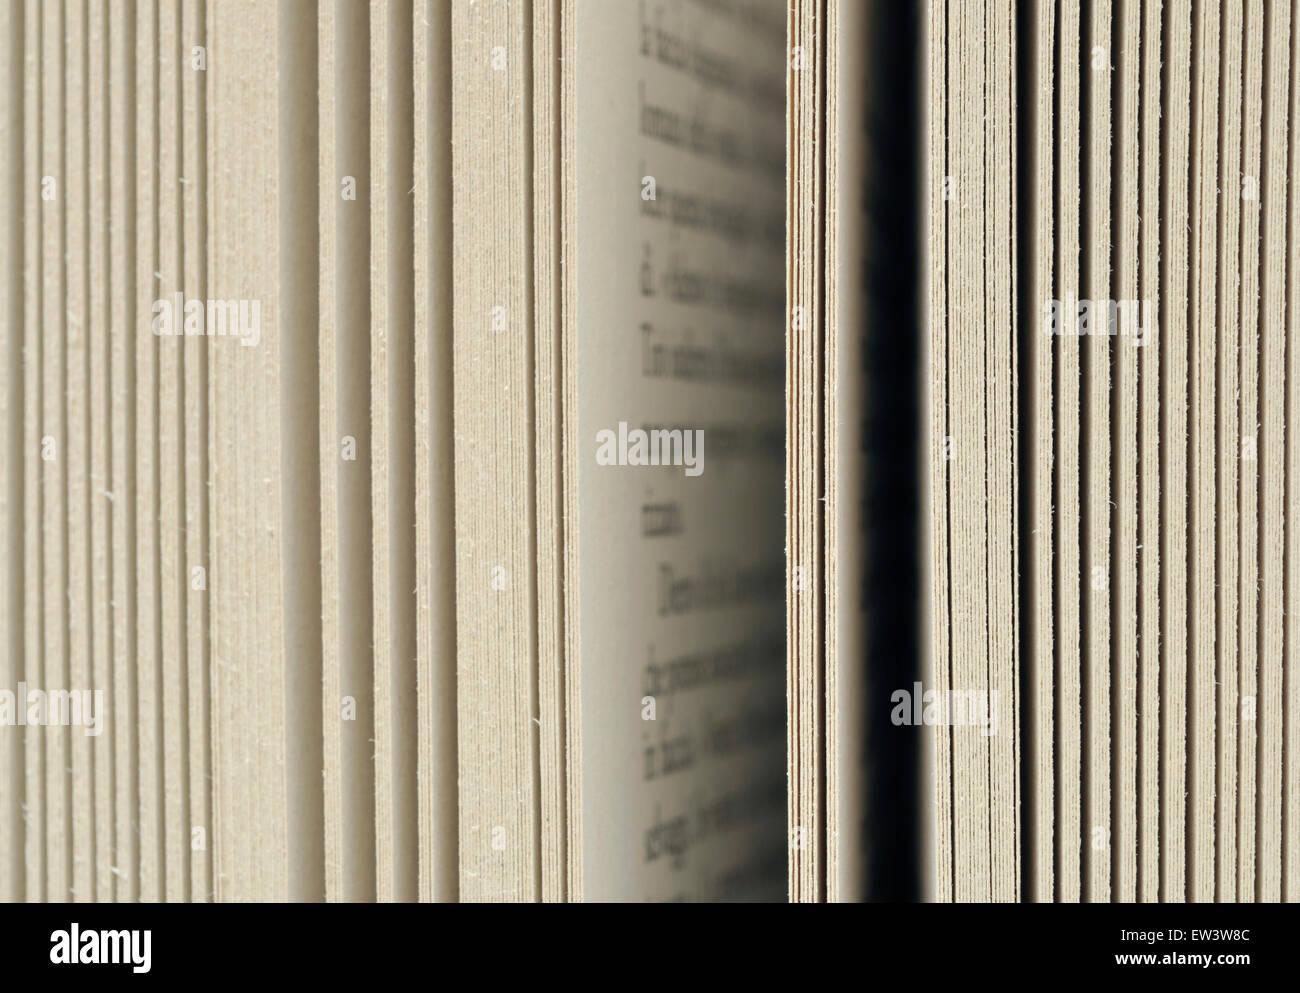 páginas del libro Imagen De Stock